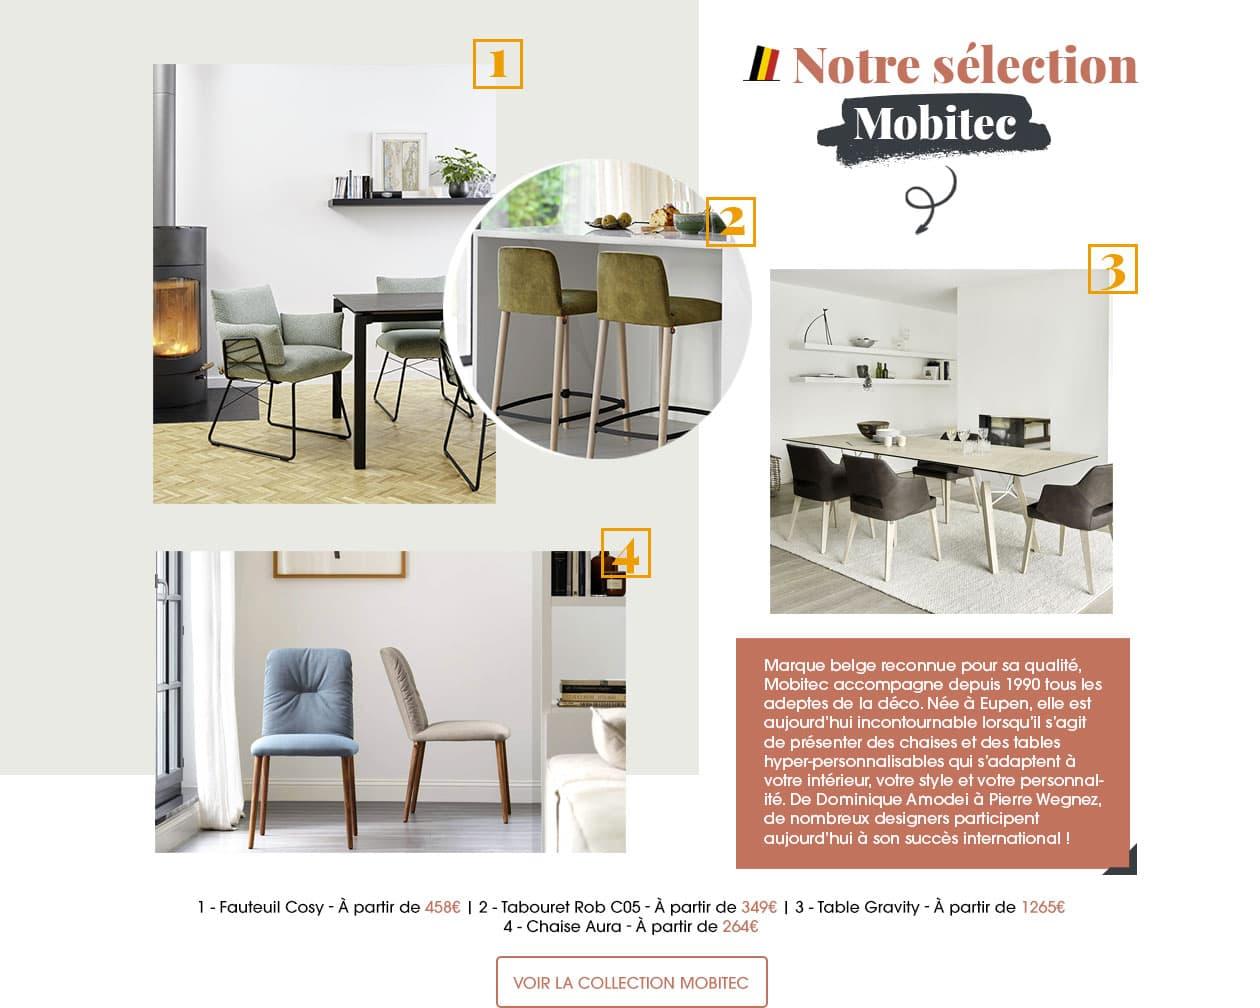 La marque belge Mobitec est reconnue pour sa qualité. Elle accompagne depuis 1990 tous les adeptes de la déco.